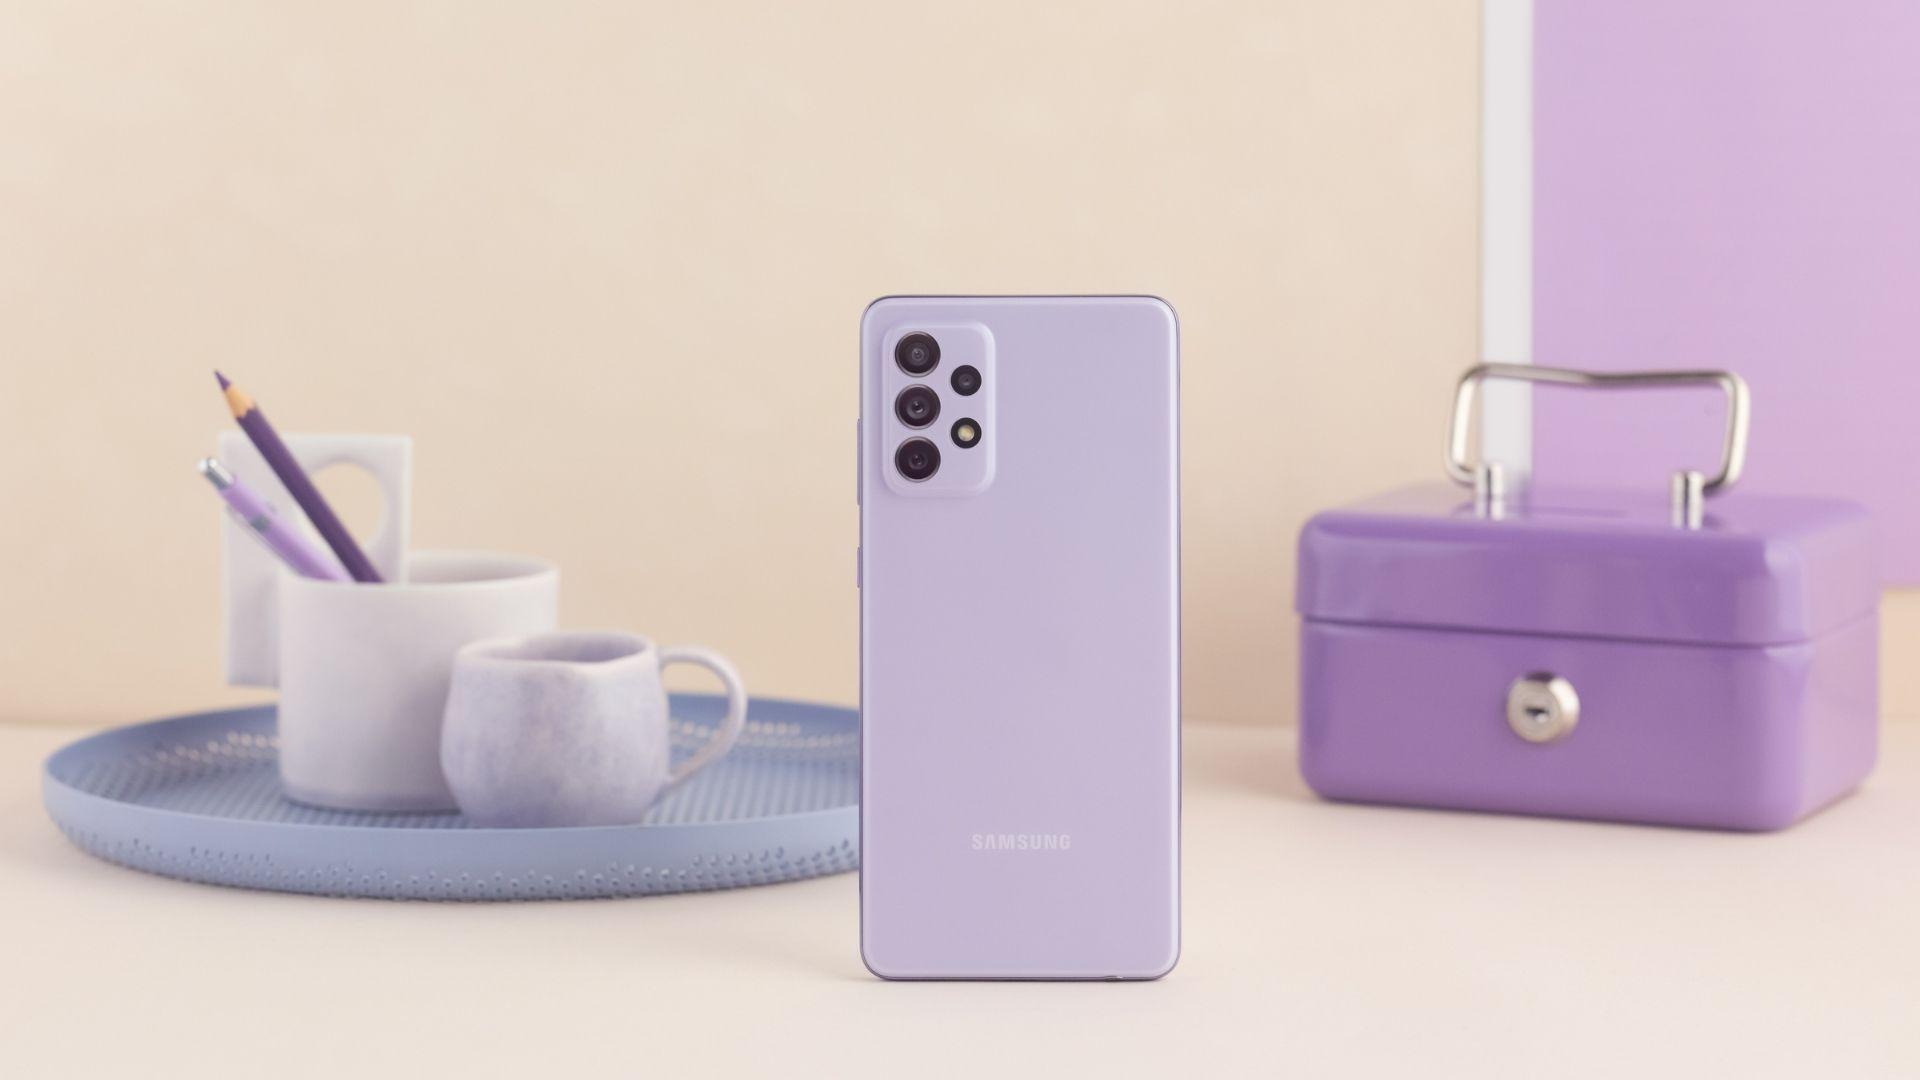 Galaxy A52 é um celular Samsung à prova d'água (Foto: Divulgação/Samsung)